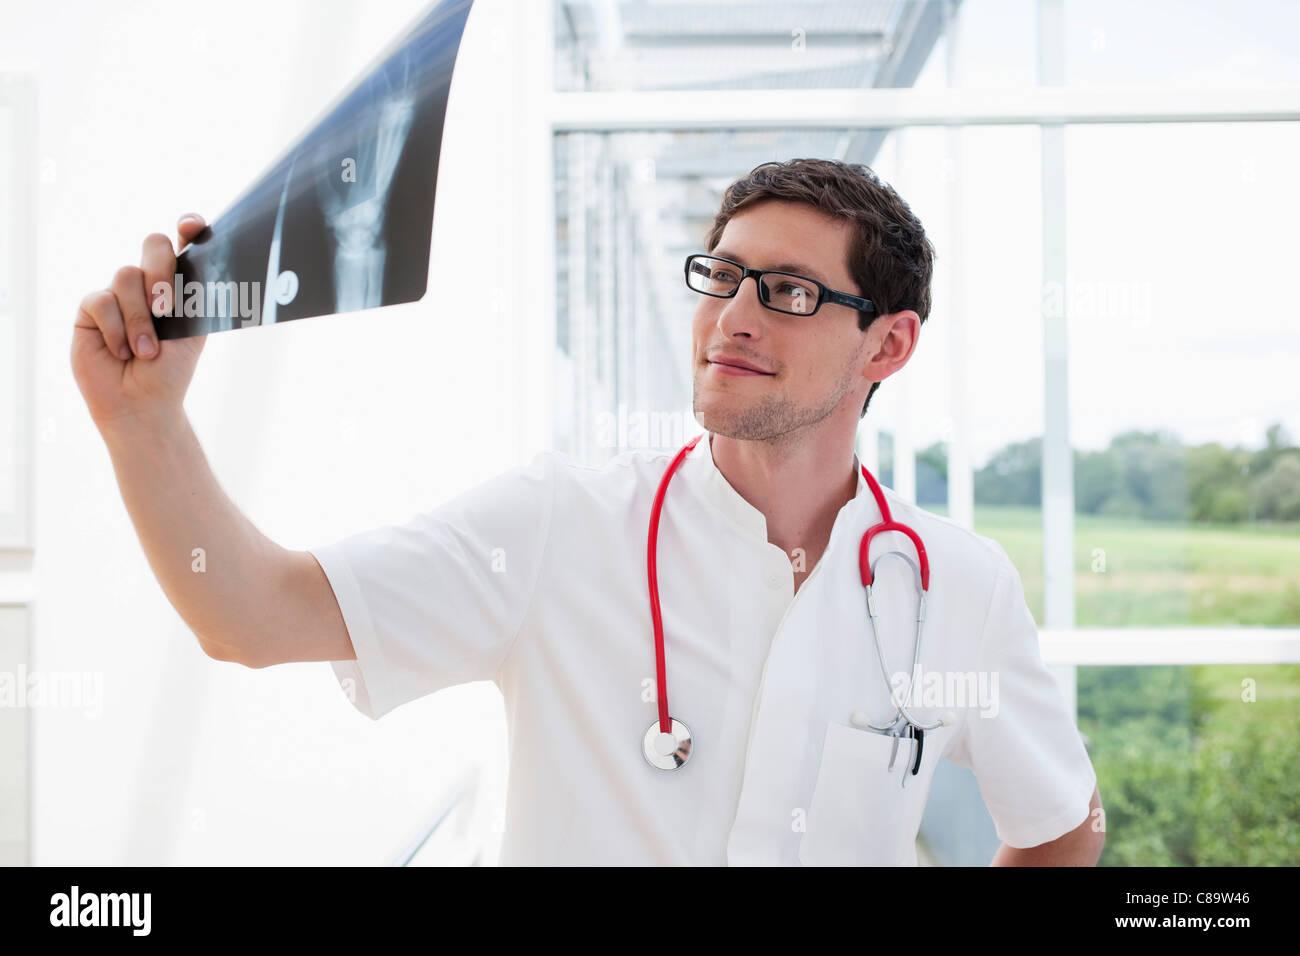 Alemania, Baviera, Diessen am Ammersee, joven médico examen de rayos x, sonriendo Foto de stock